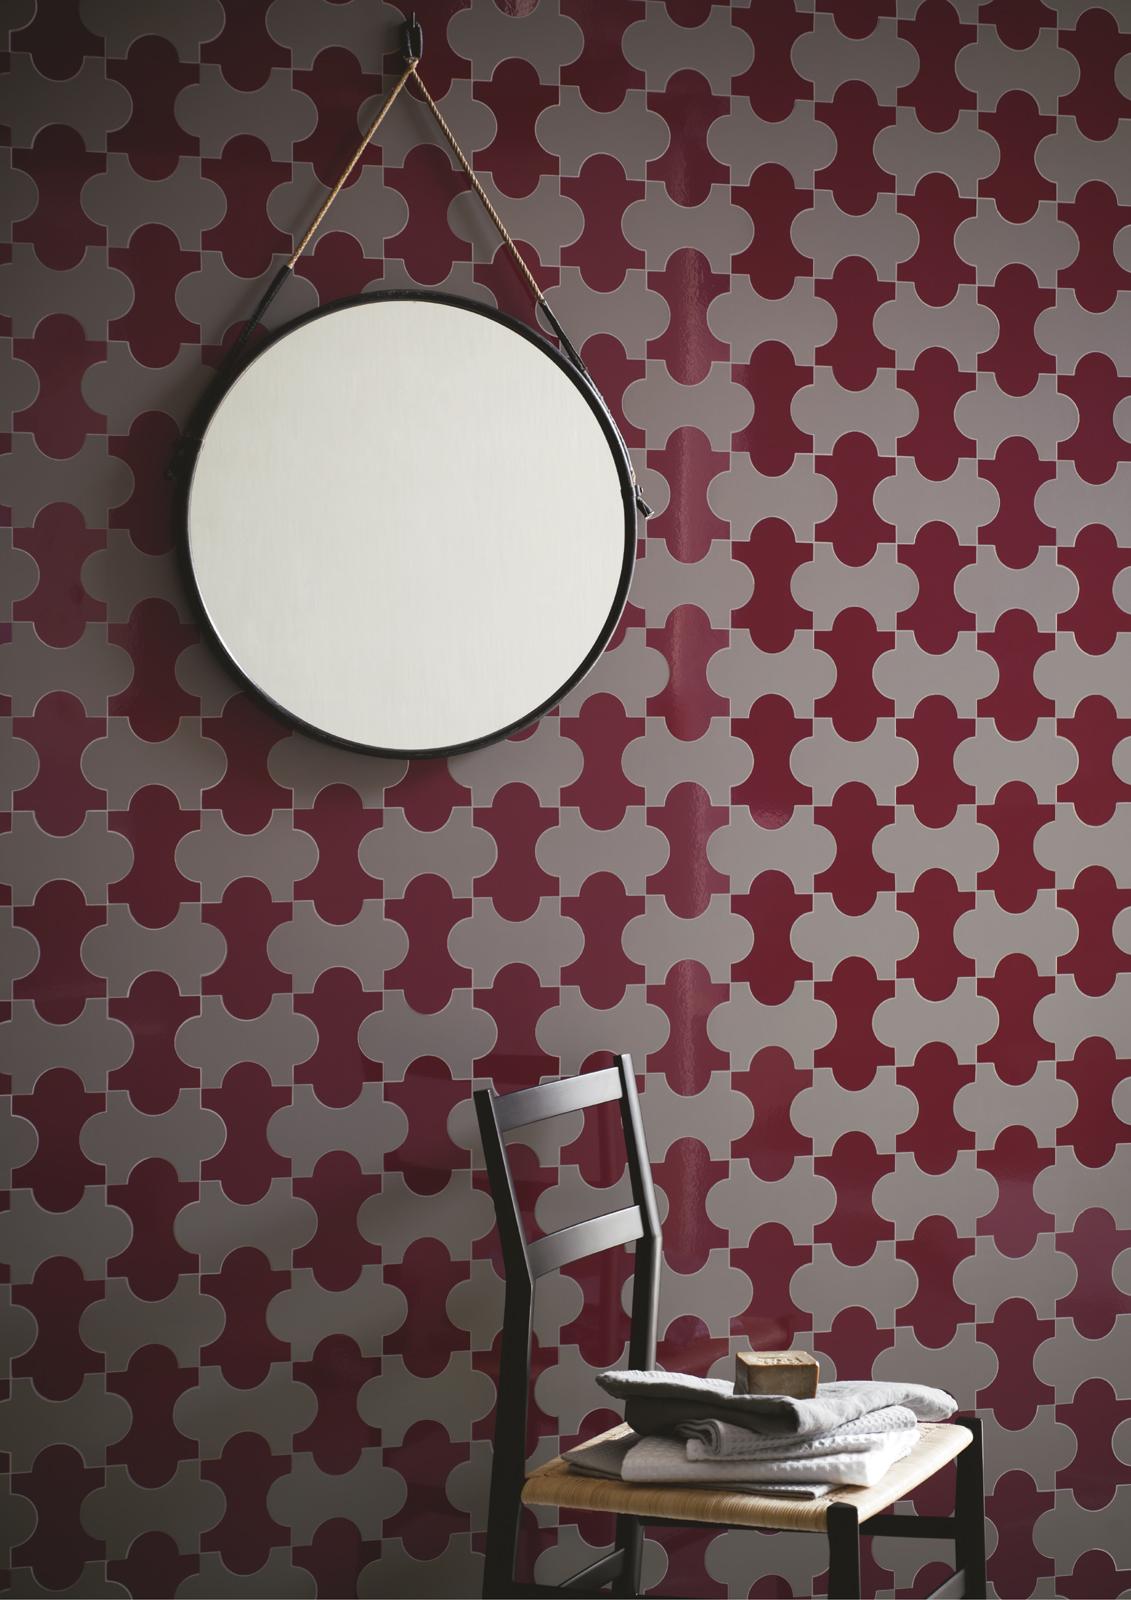 Materia Ceramica Un Progetto Per Raccontarla : Progetto triennale ceramica per architettura marazzi